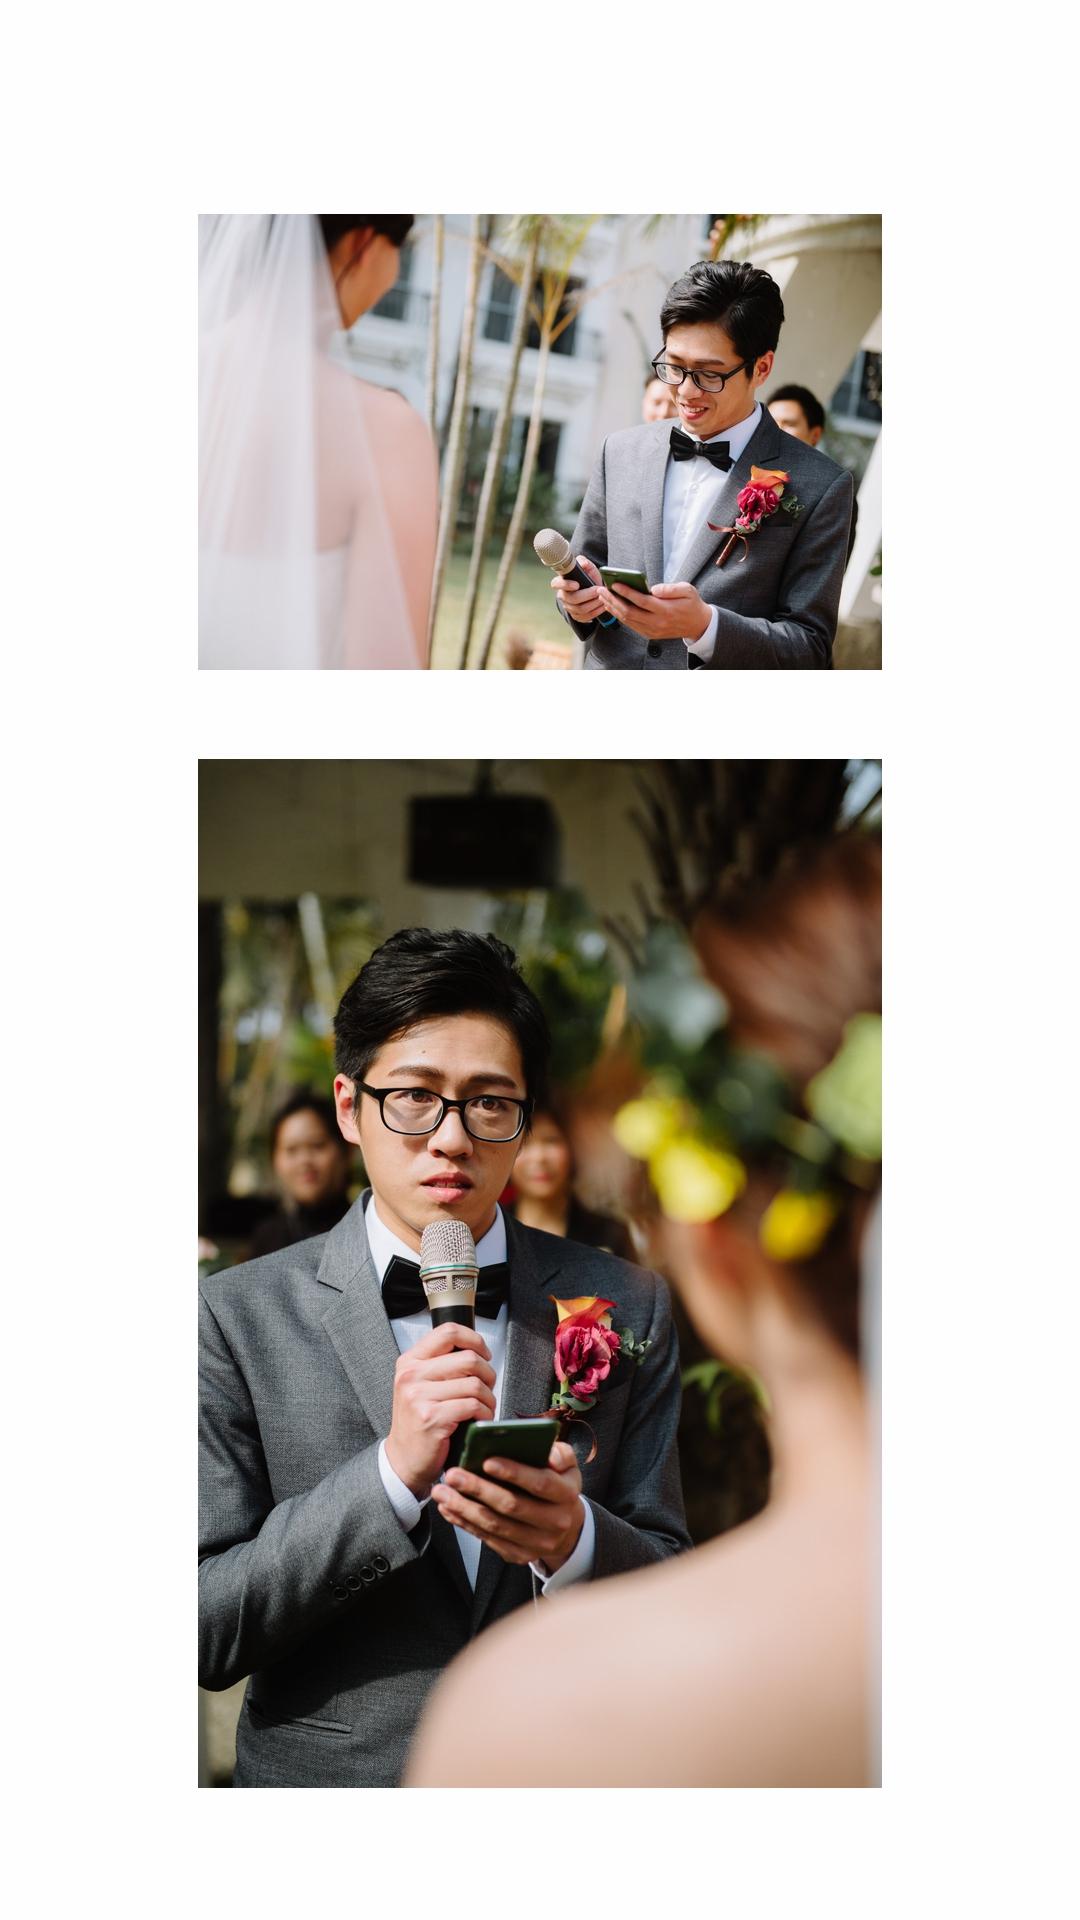 戶外婚禮,台南商務會館,婚攝,婚攝推薦